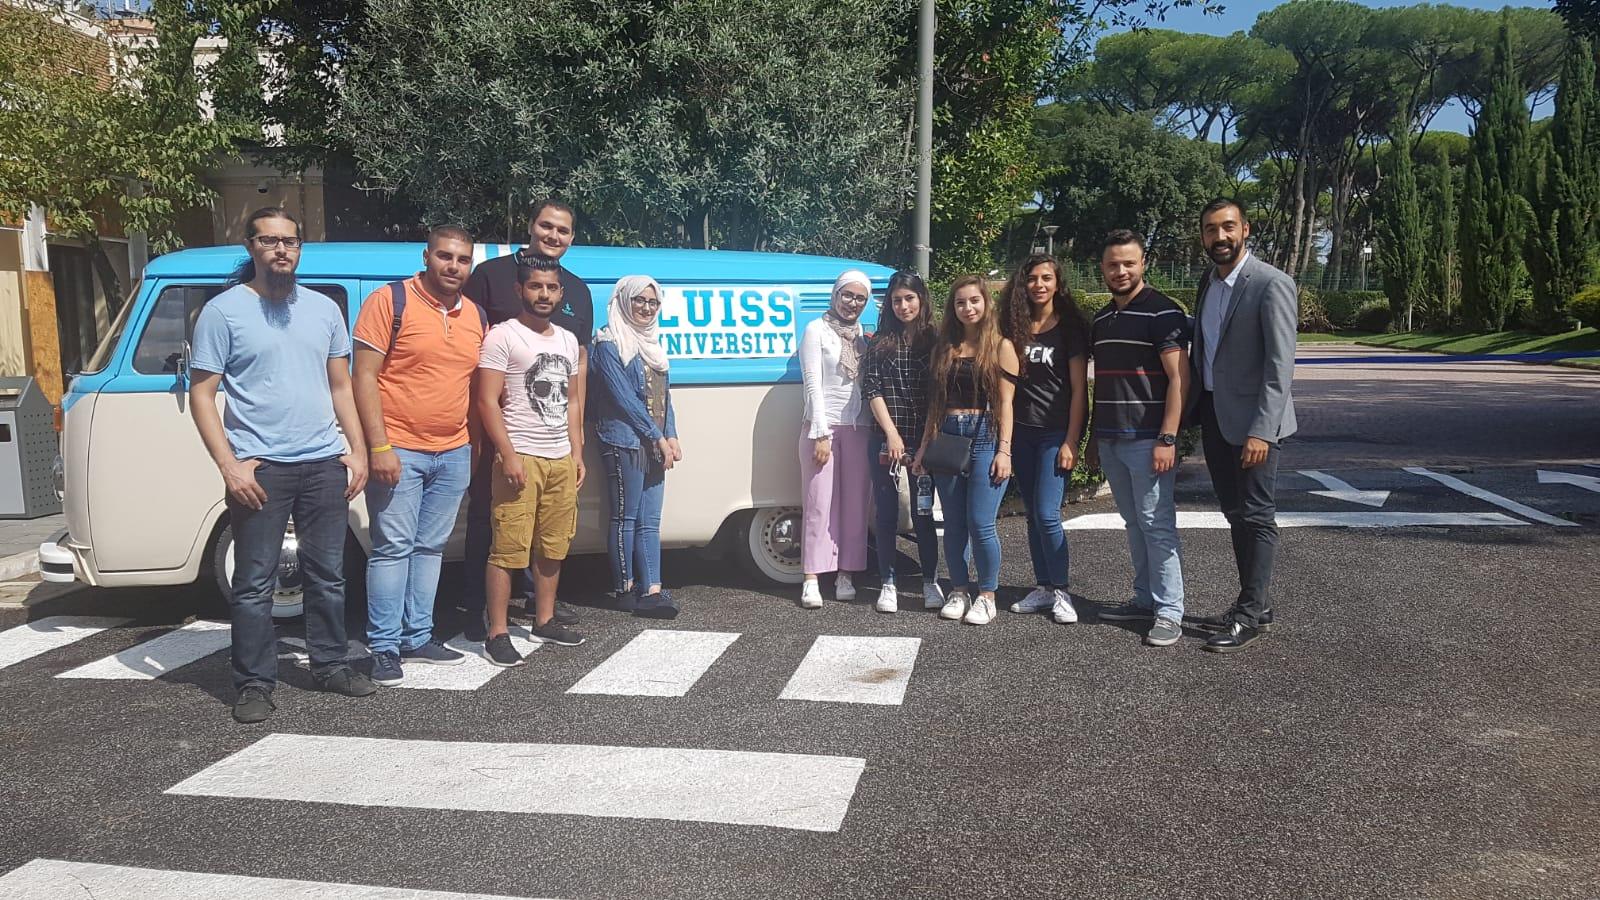 جامعة لويس الإيطالية تستقبل دفعة التبادل الثقافي الأولى من طلبة جامعة البترا